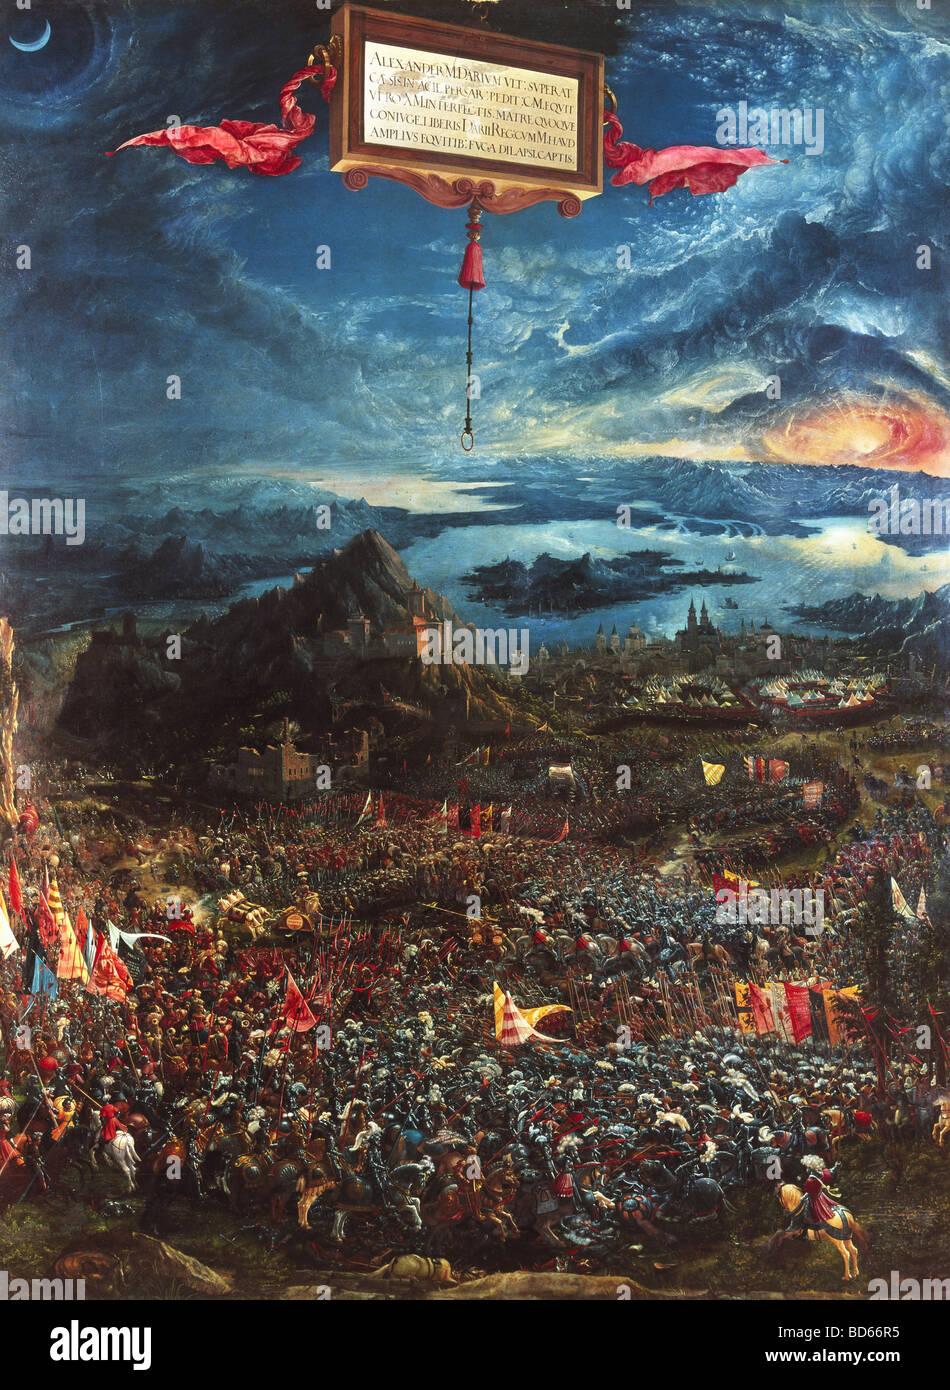 Bellas artes, Altdorfer, Albrecht (1480 - 1538), la pintura 'Alexanderschlacht', (Batalla de Alejandro Magno), Imagen De Stock